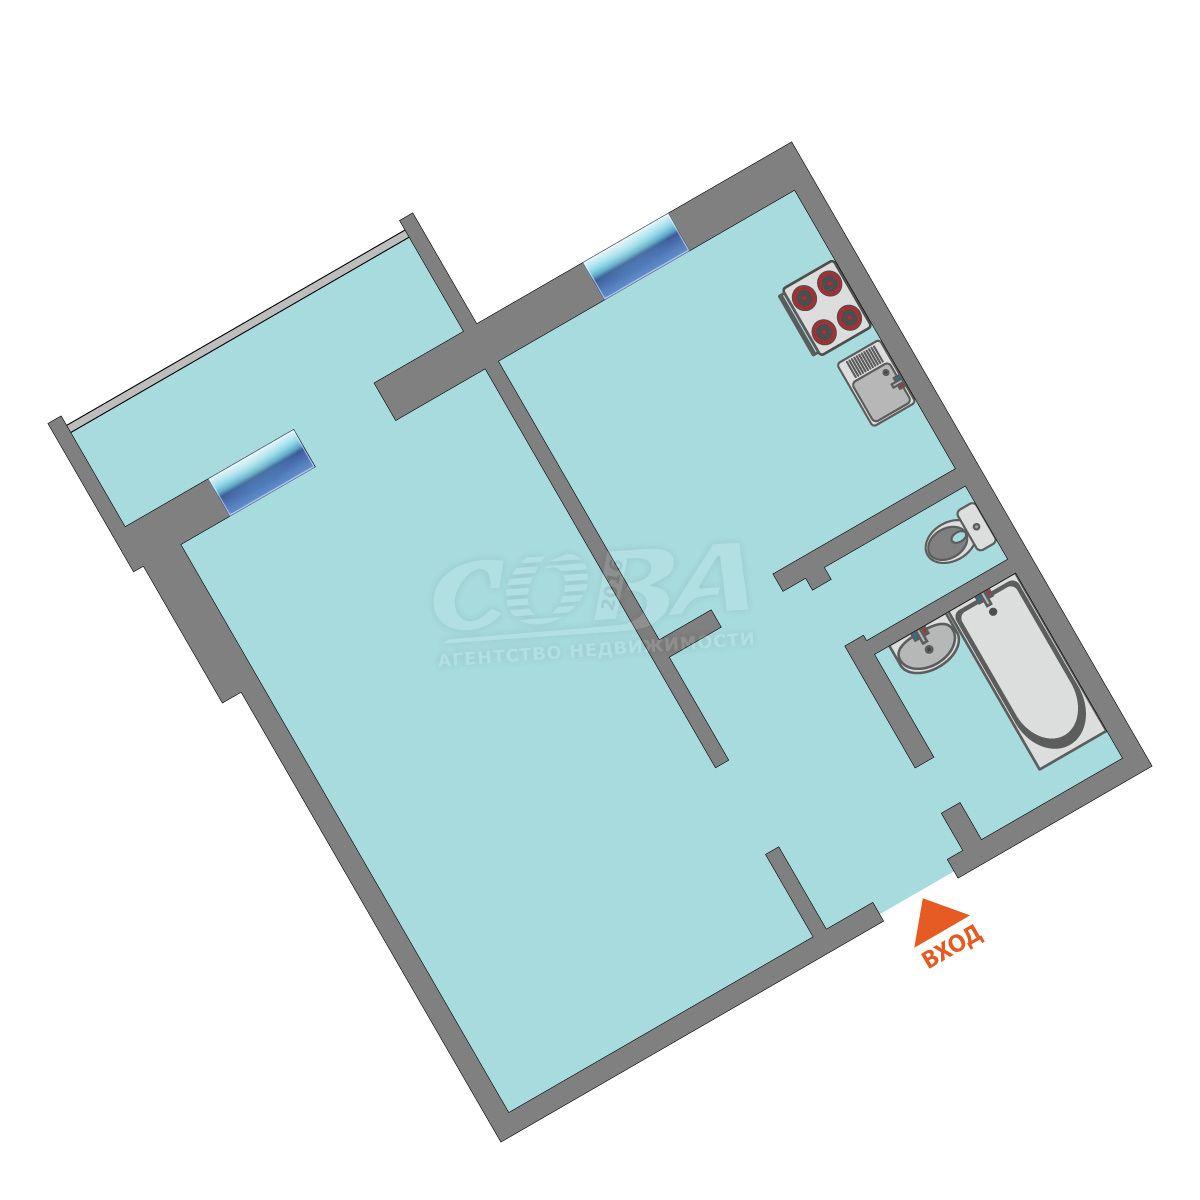 1 комнатная квартира  в районе Южный 2/ Чаплина, ул. Депутатская, 95, г. Тюмень